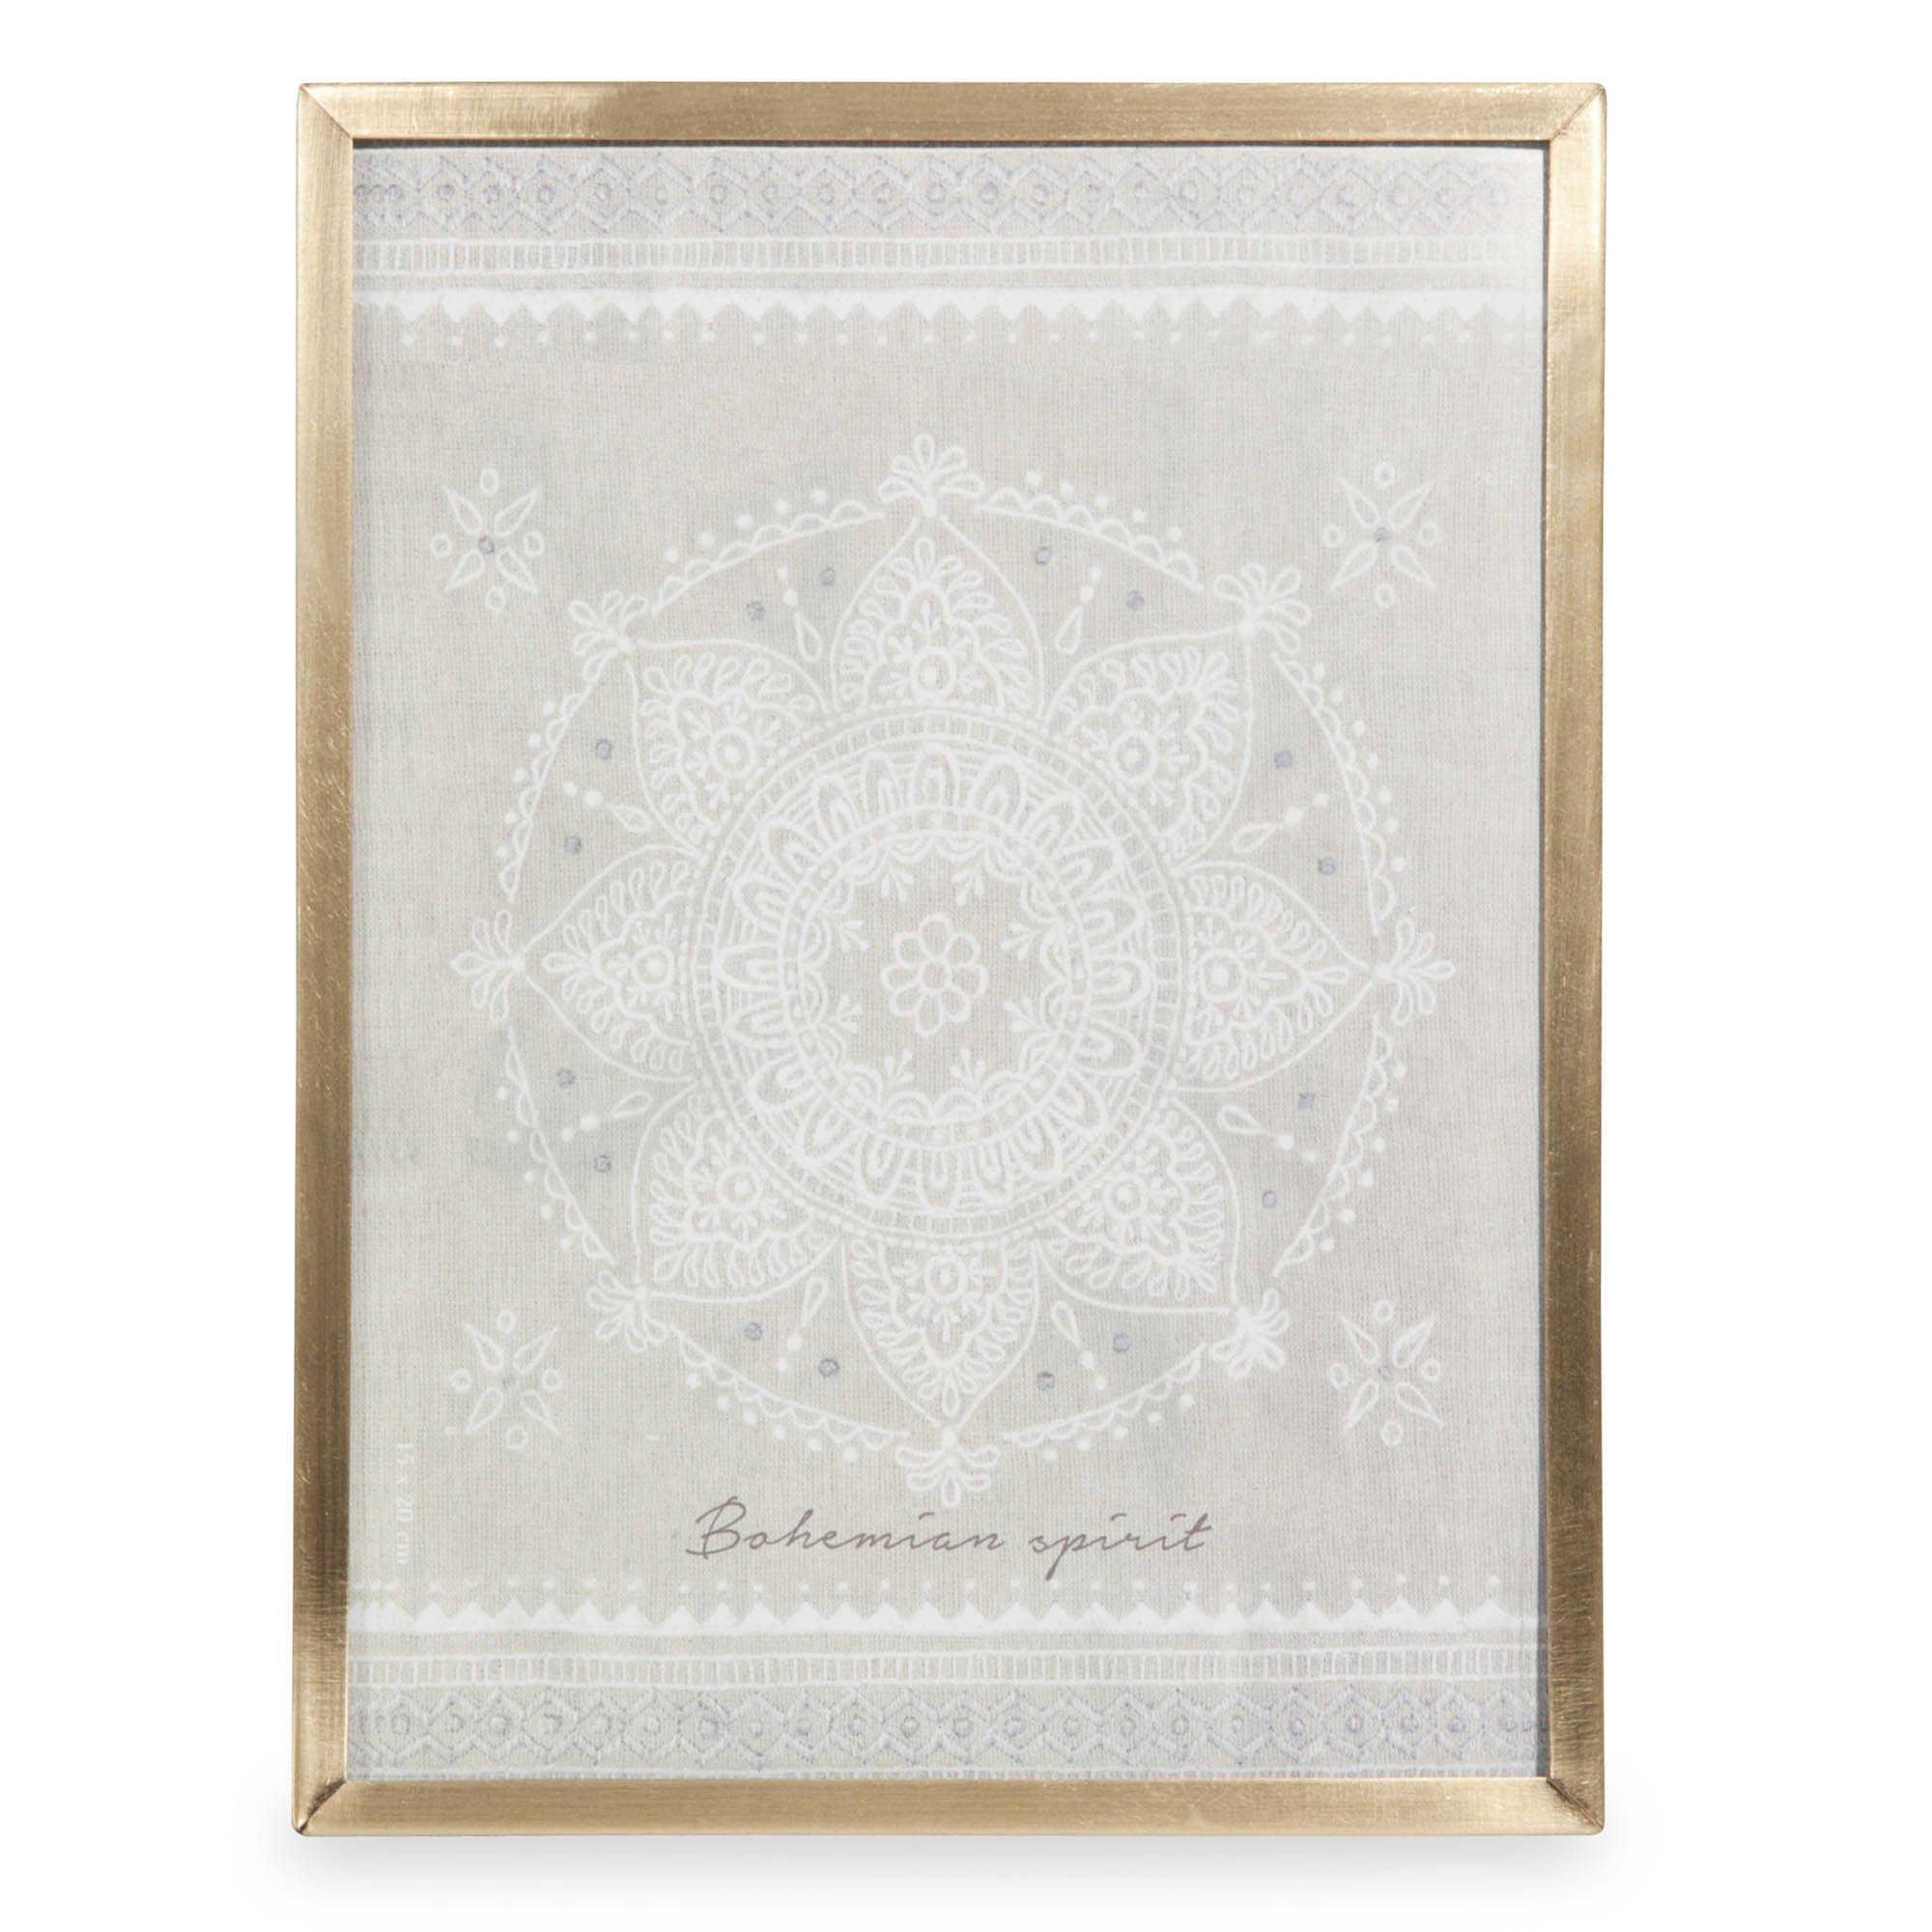 Marco mandala de metal dorado 15x20 cm MECCA | HOME | Pinterest ...